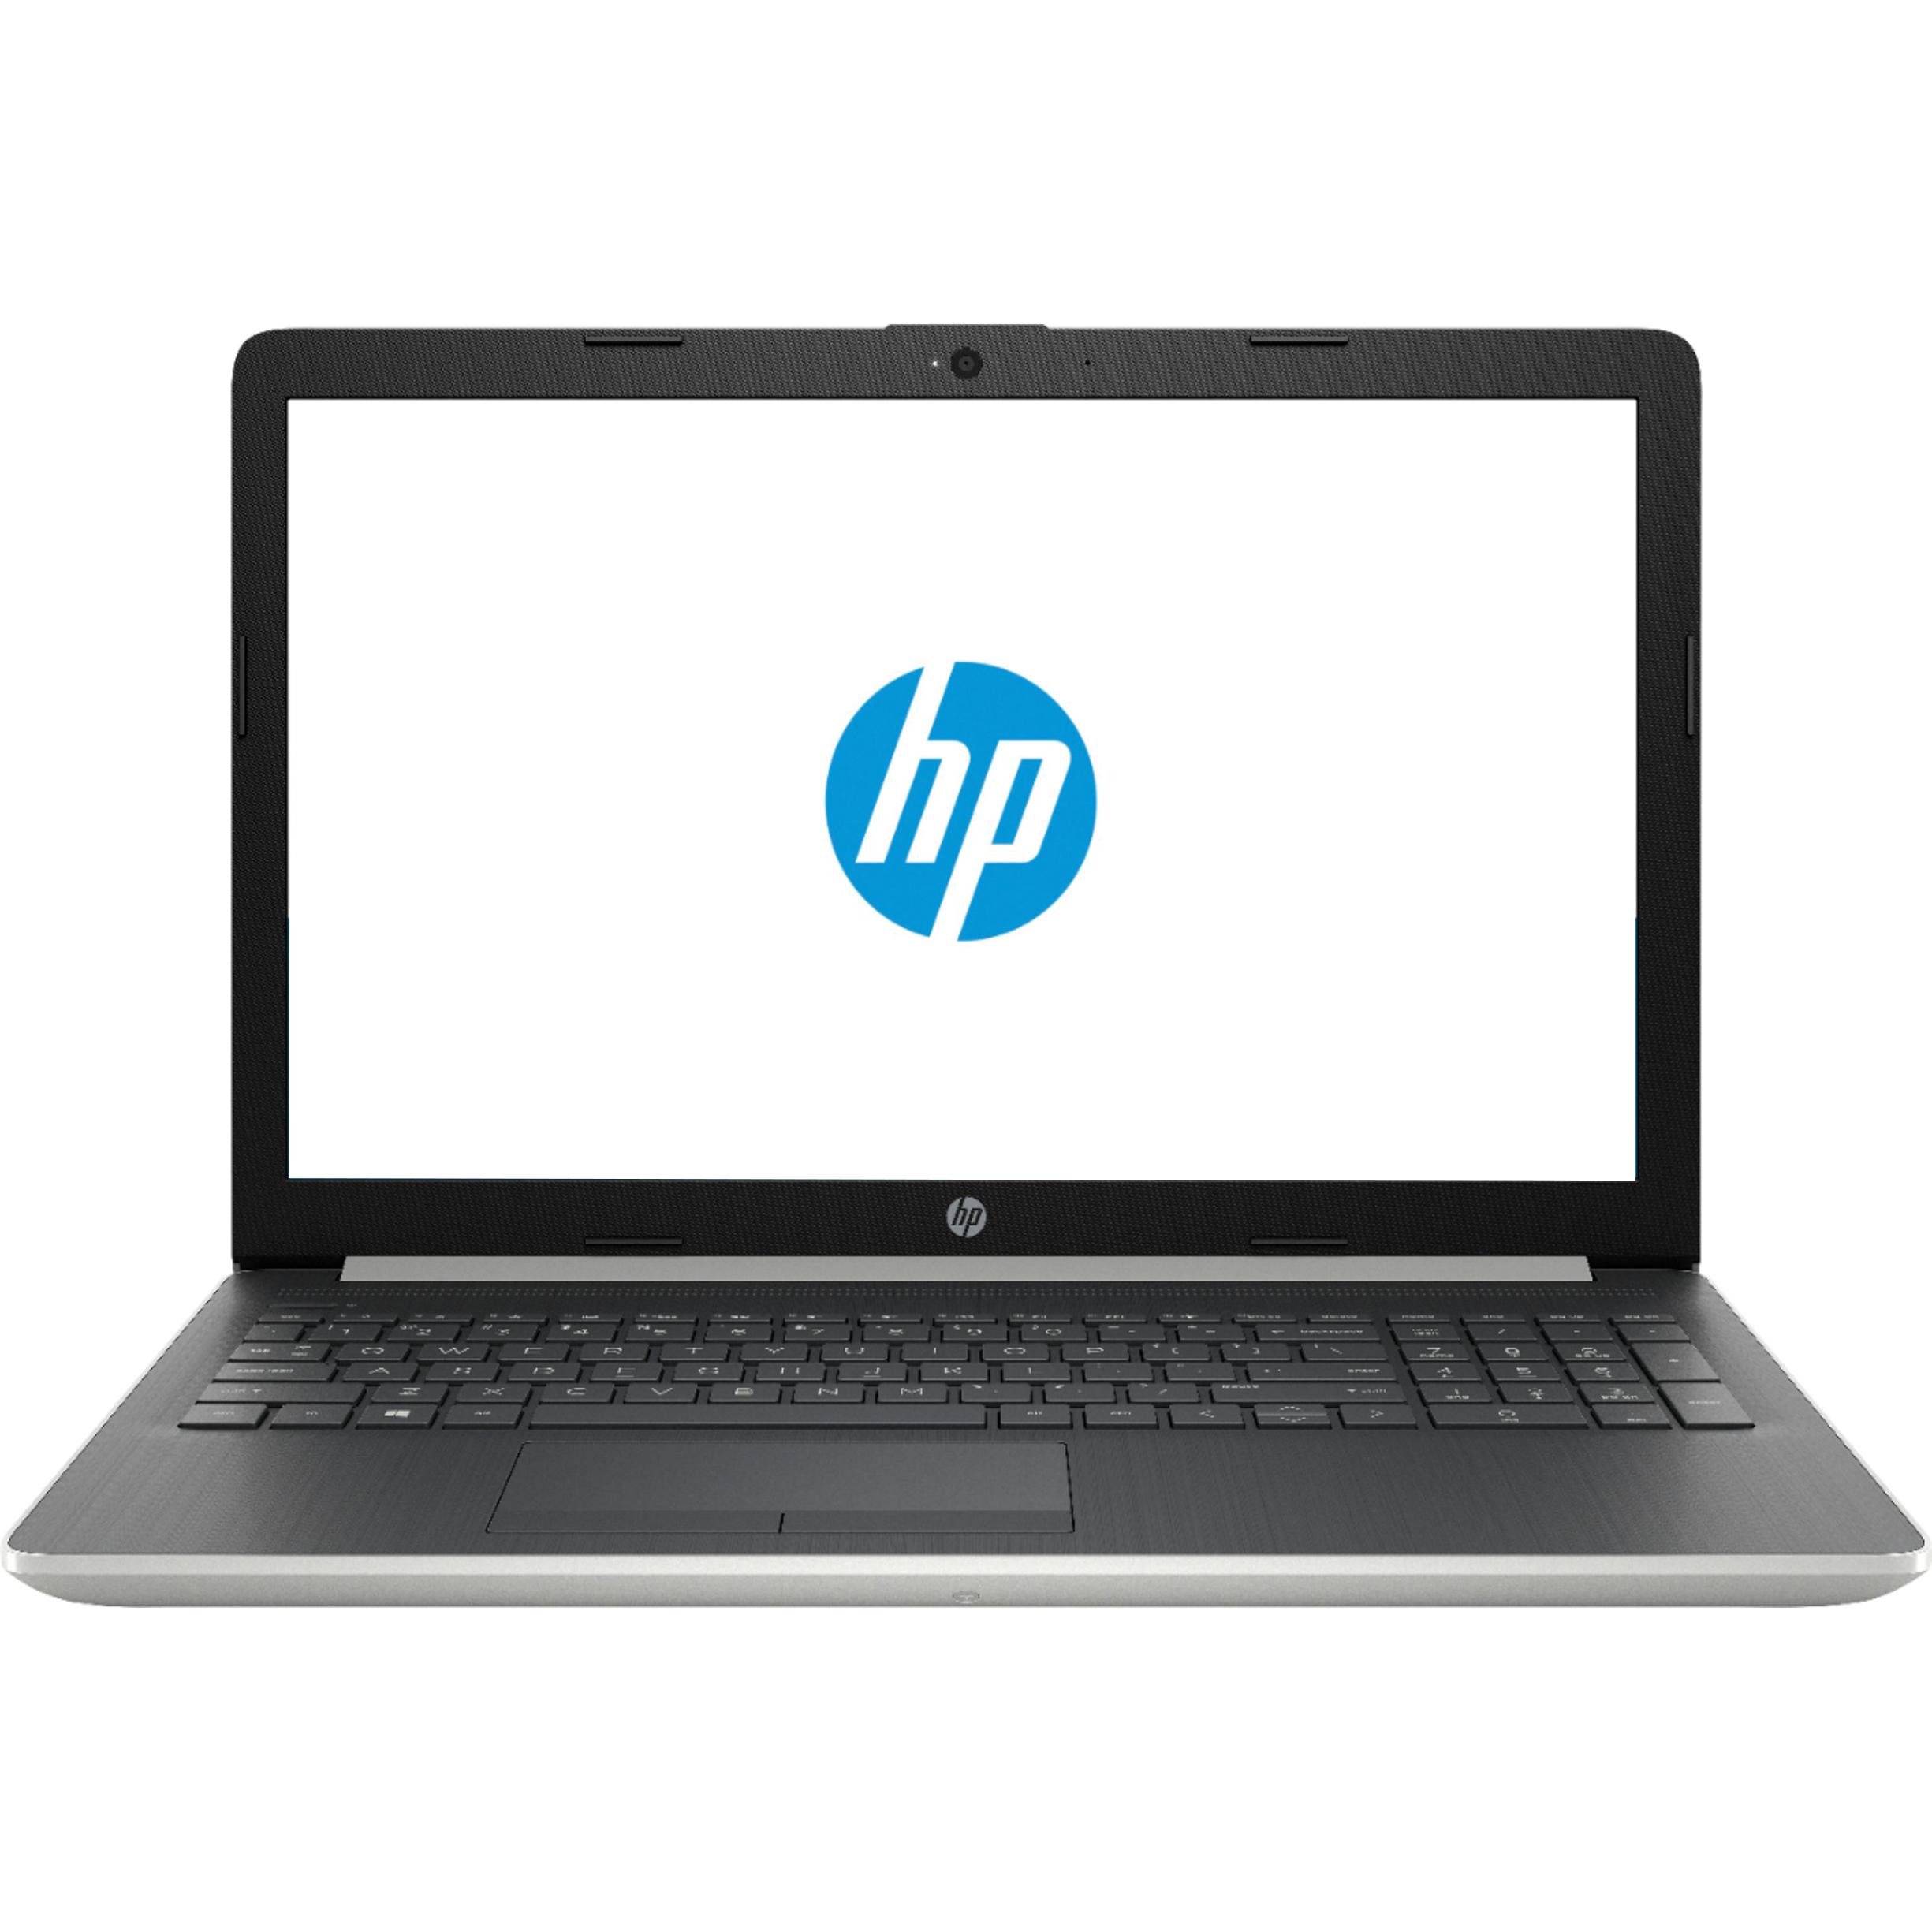 لپ تاپ 15 اینچی اچ پی مدل DA0115-B